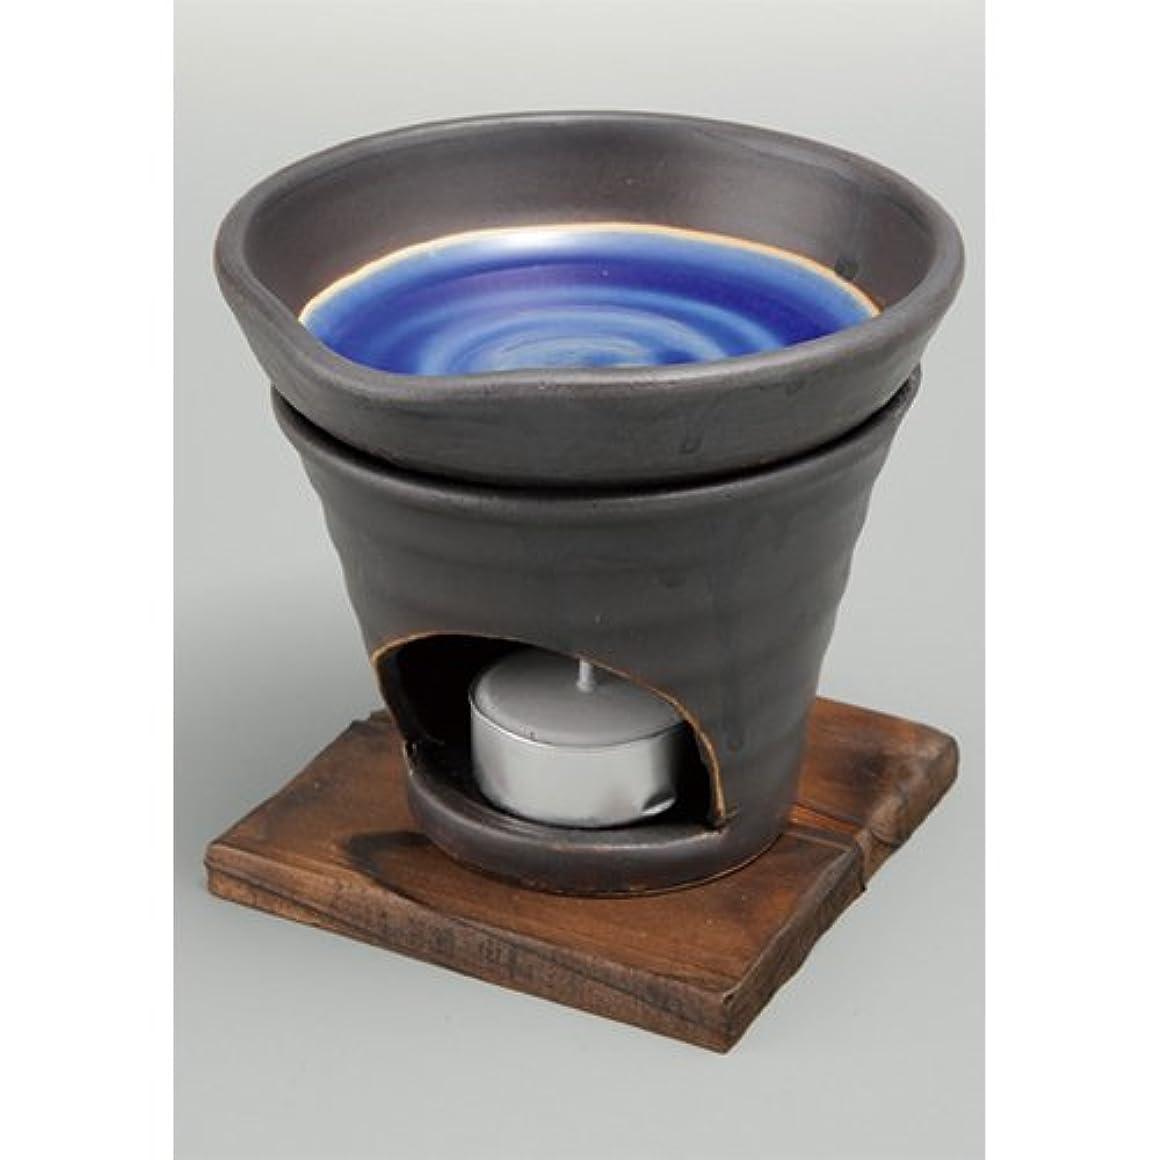 兵器庫呼び起こす略語香炉 黒釉 茶香炉(青) [R11.8xH11.5cm] HANDMADE プレゼント ギフト 和食器 かわいい インテリア